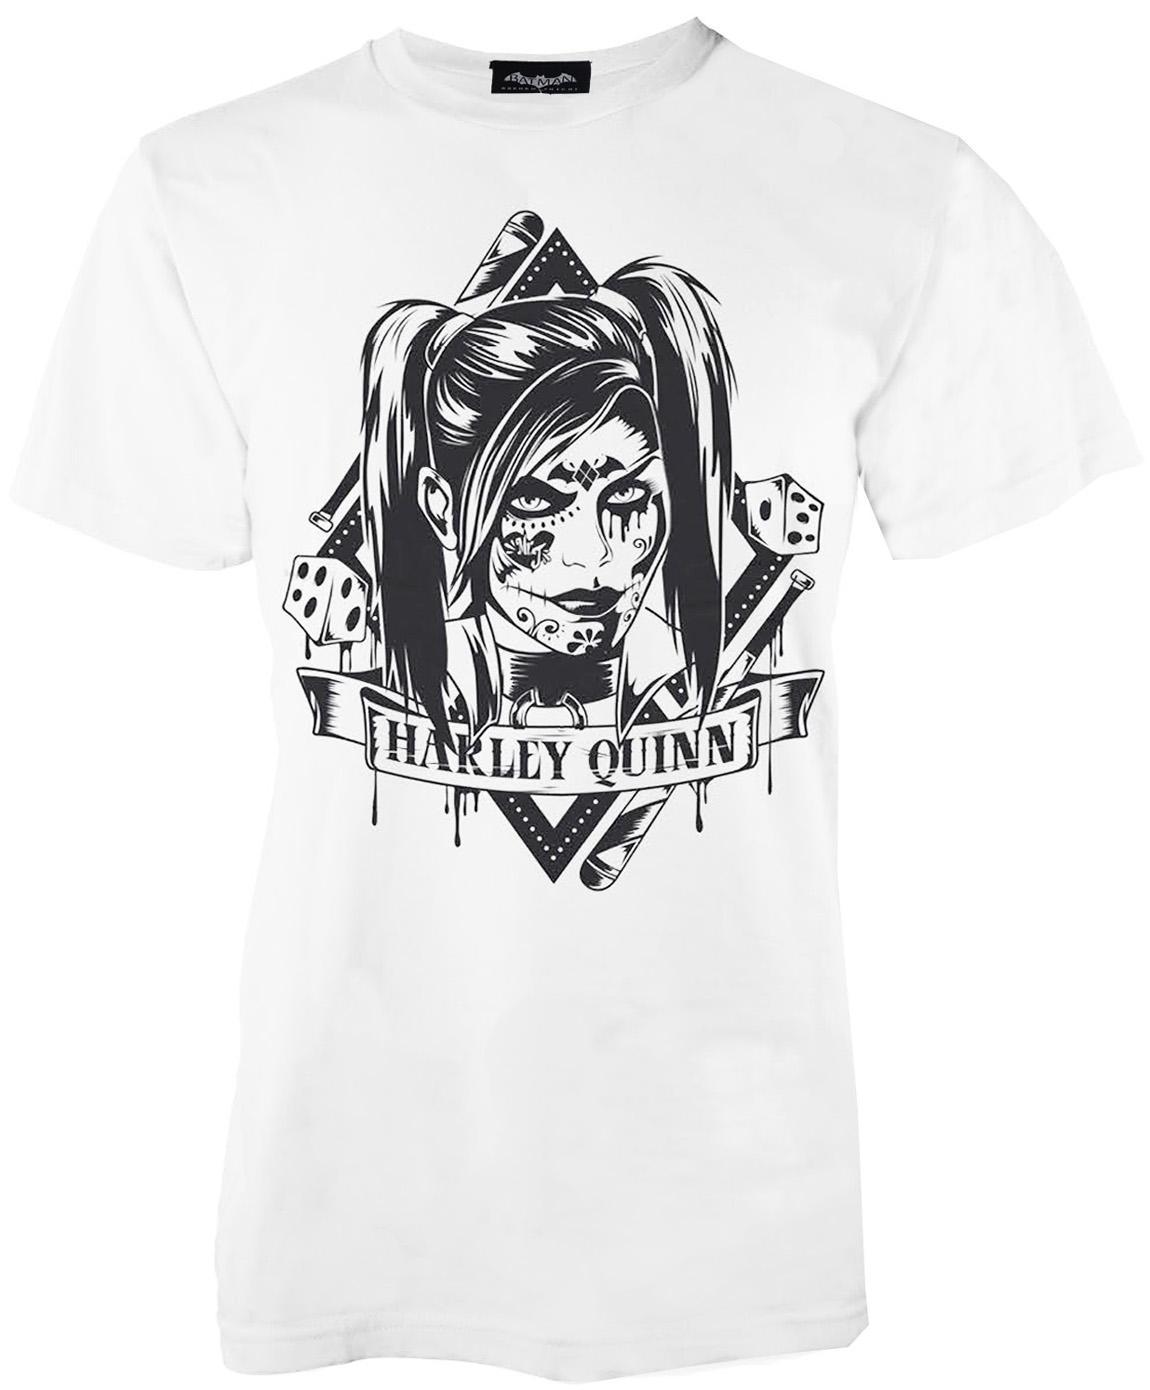 41c517db6 Compre Adulto Oficial DC Comics Batman Harley Quinn Tee Joker Camiseta  Suicide Squad Top Divertido Imprimir Tops Manga Hombre Camiseta Homme  Horror A  11.01 ...